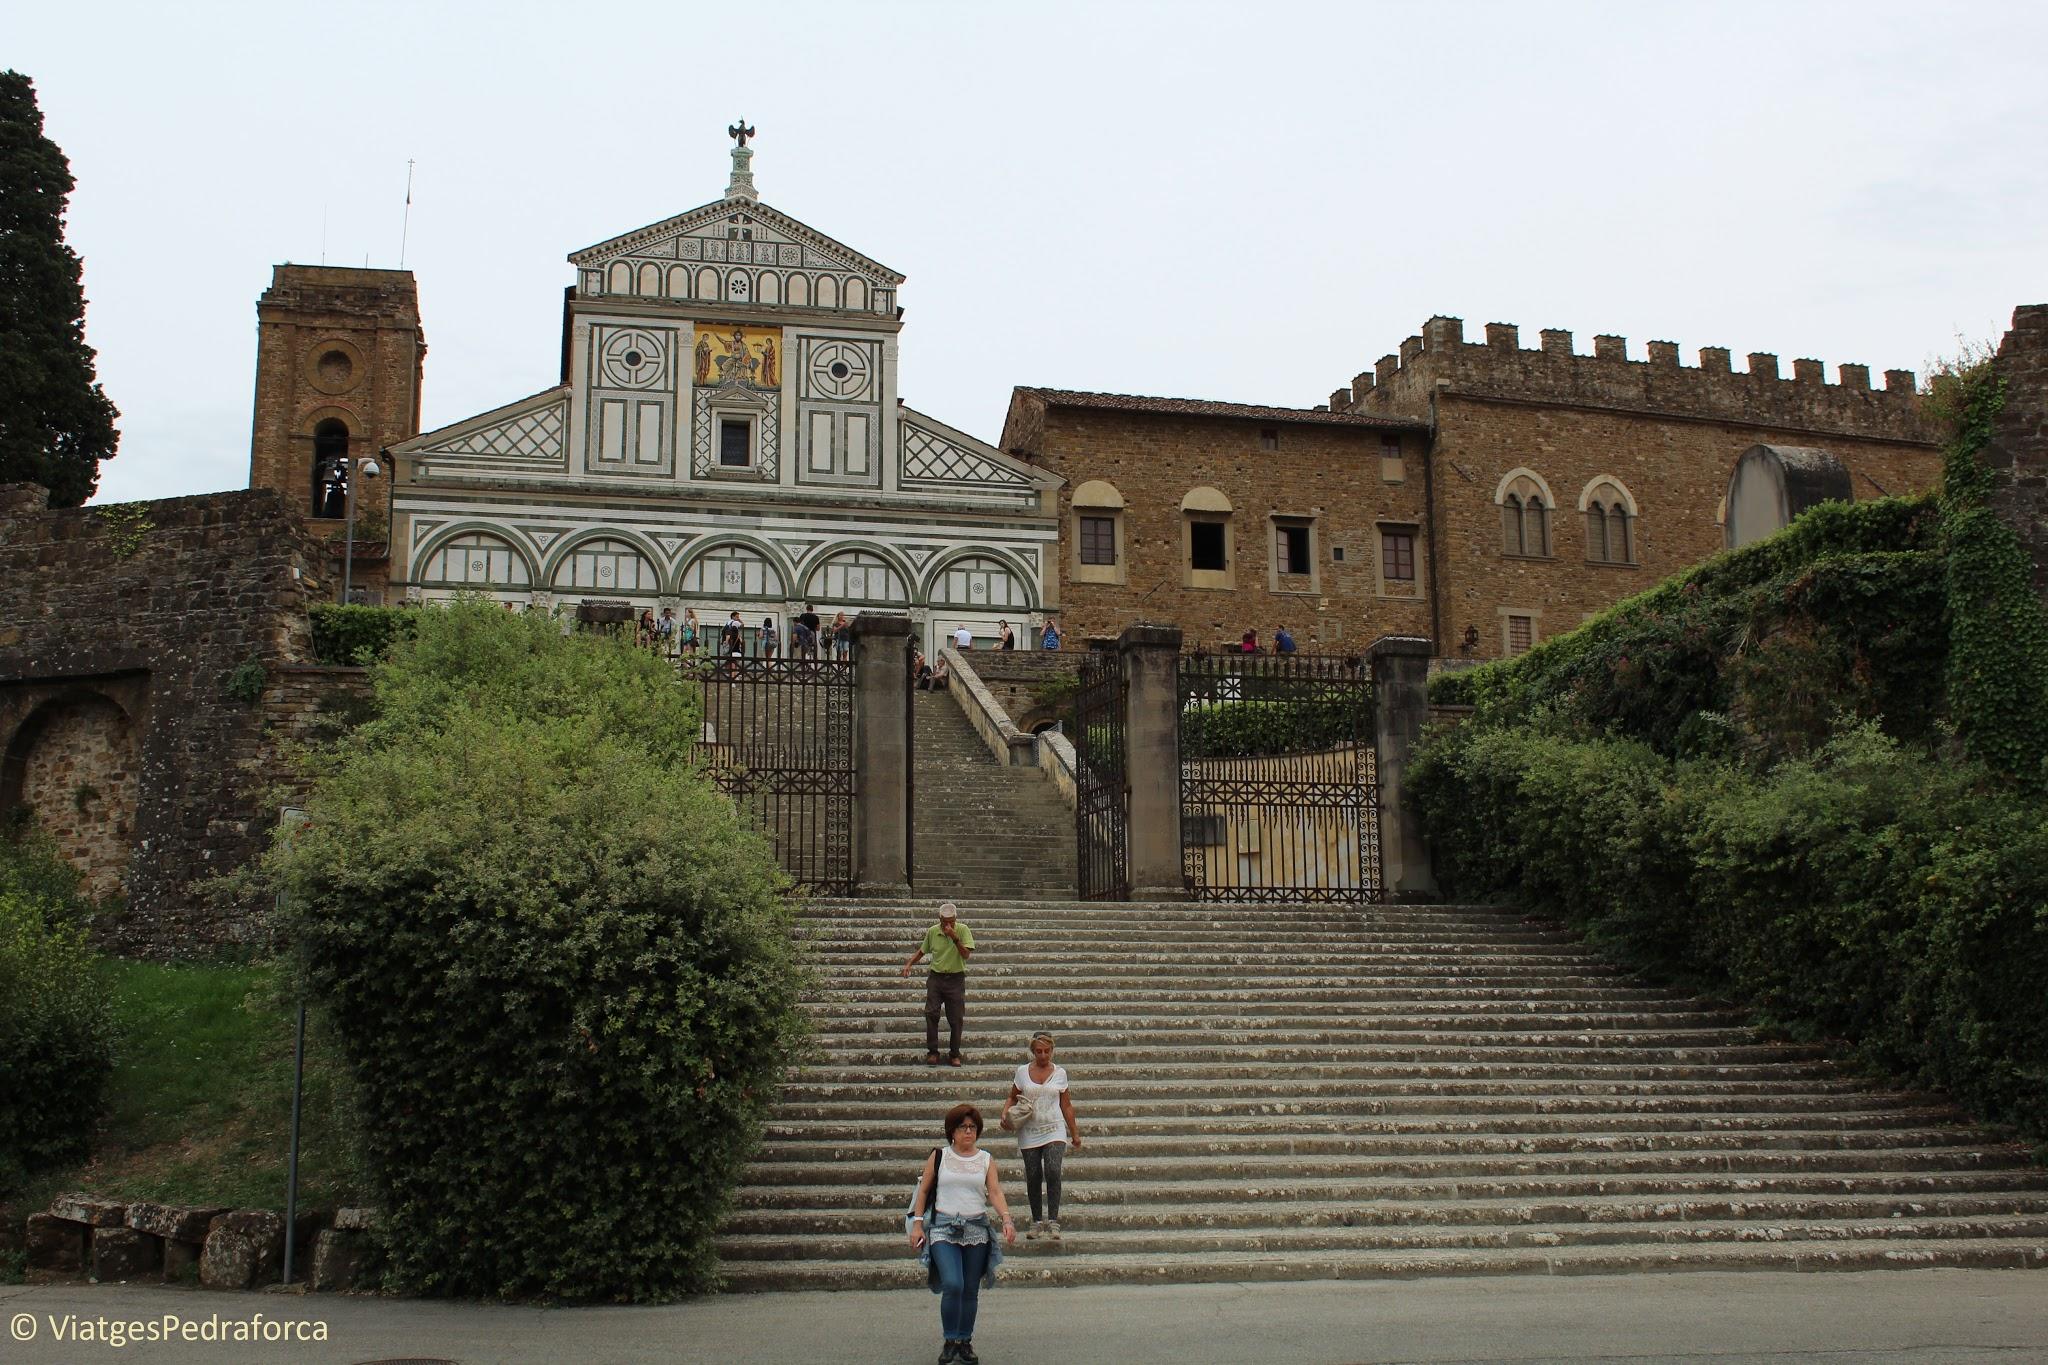 Firenze, Oltrarno, Centre Històric de Florència, Unesco, Patrimoni de la Humanitat, Art romànic, Toscana, Itàlia